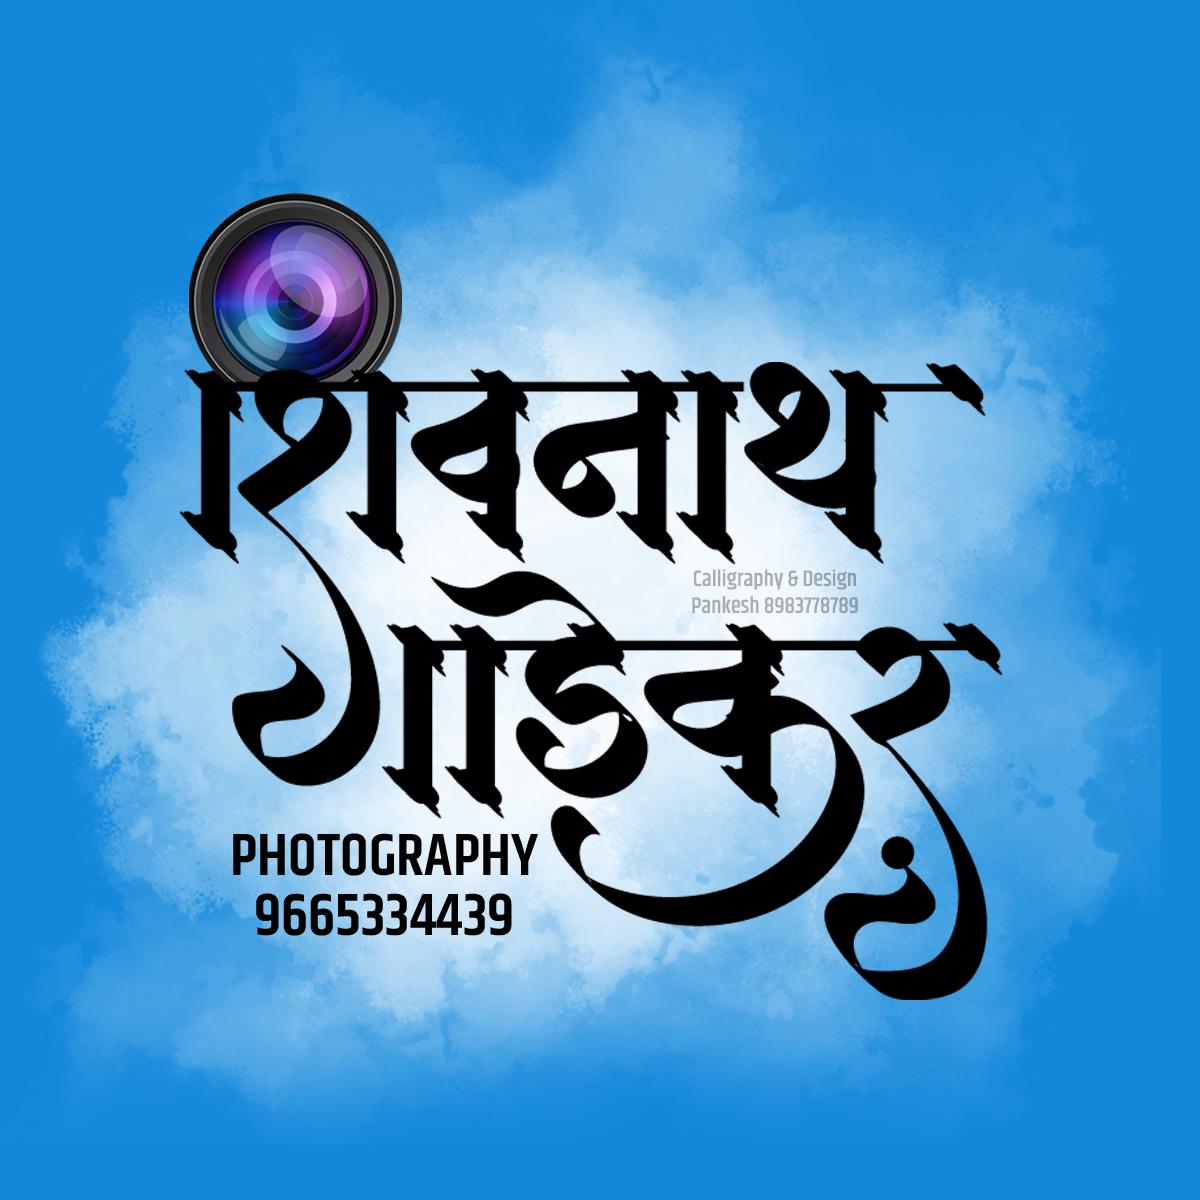 Shivnath Gadekar Photography